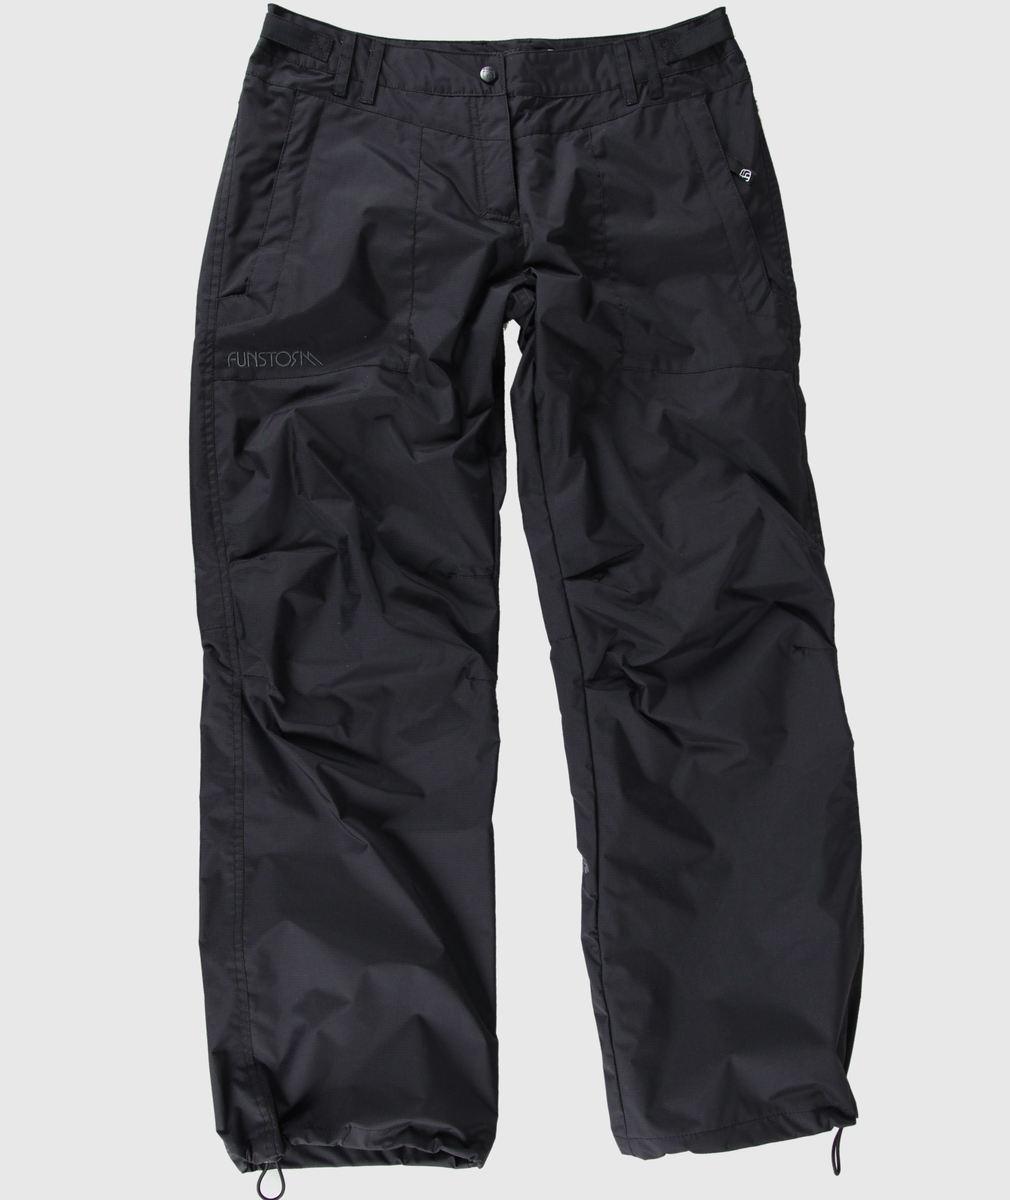 kalhoty dámské (šusťáky) FUNSTORM - Hecla - 21 Black